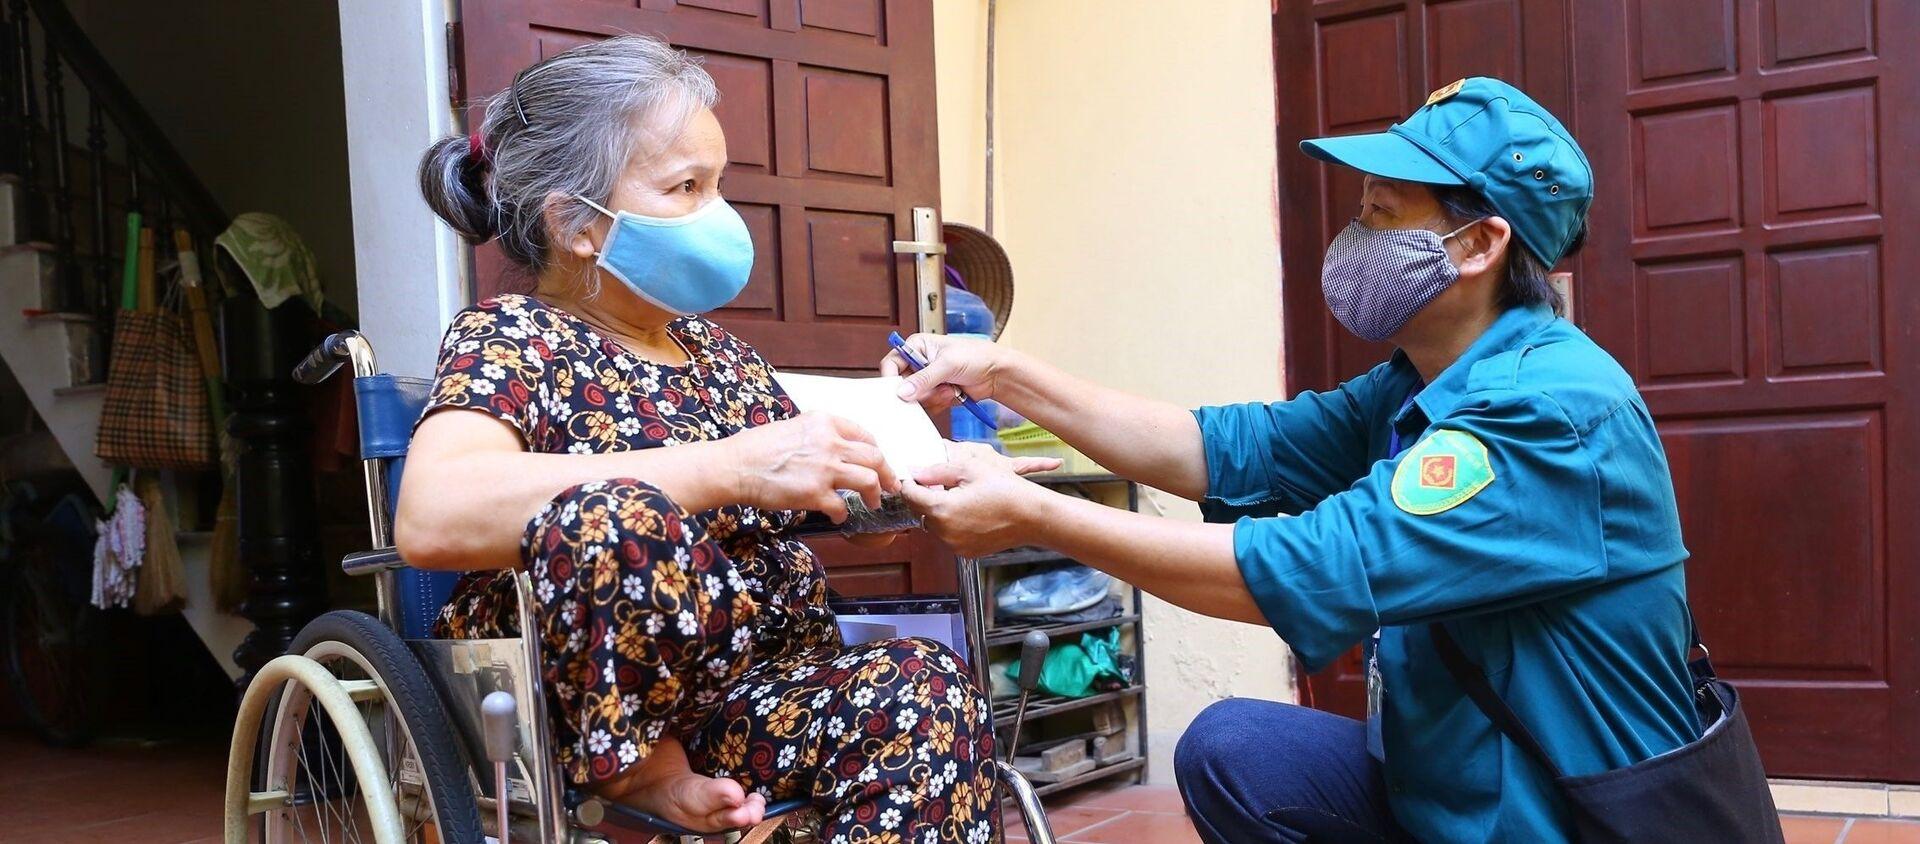 Bà Đỗ Thị Tâm, người khuyết tật ở tổ dân phố 5, phường Phú La, quận Hà Đông là một trong 3.791 người thuộc diện bảo trợ xã hội được nhận hỗ trợ, sáng 18/8 - Sputnik Việt Nam, 1920, 22.08.2021